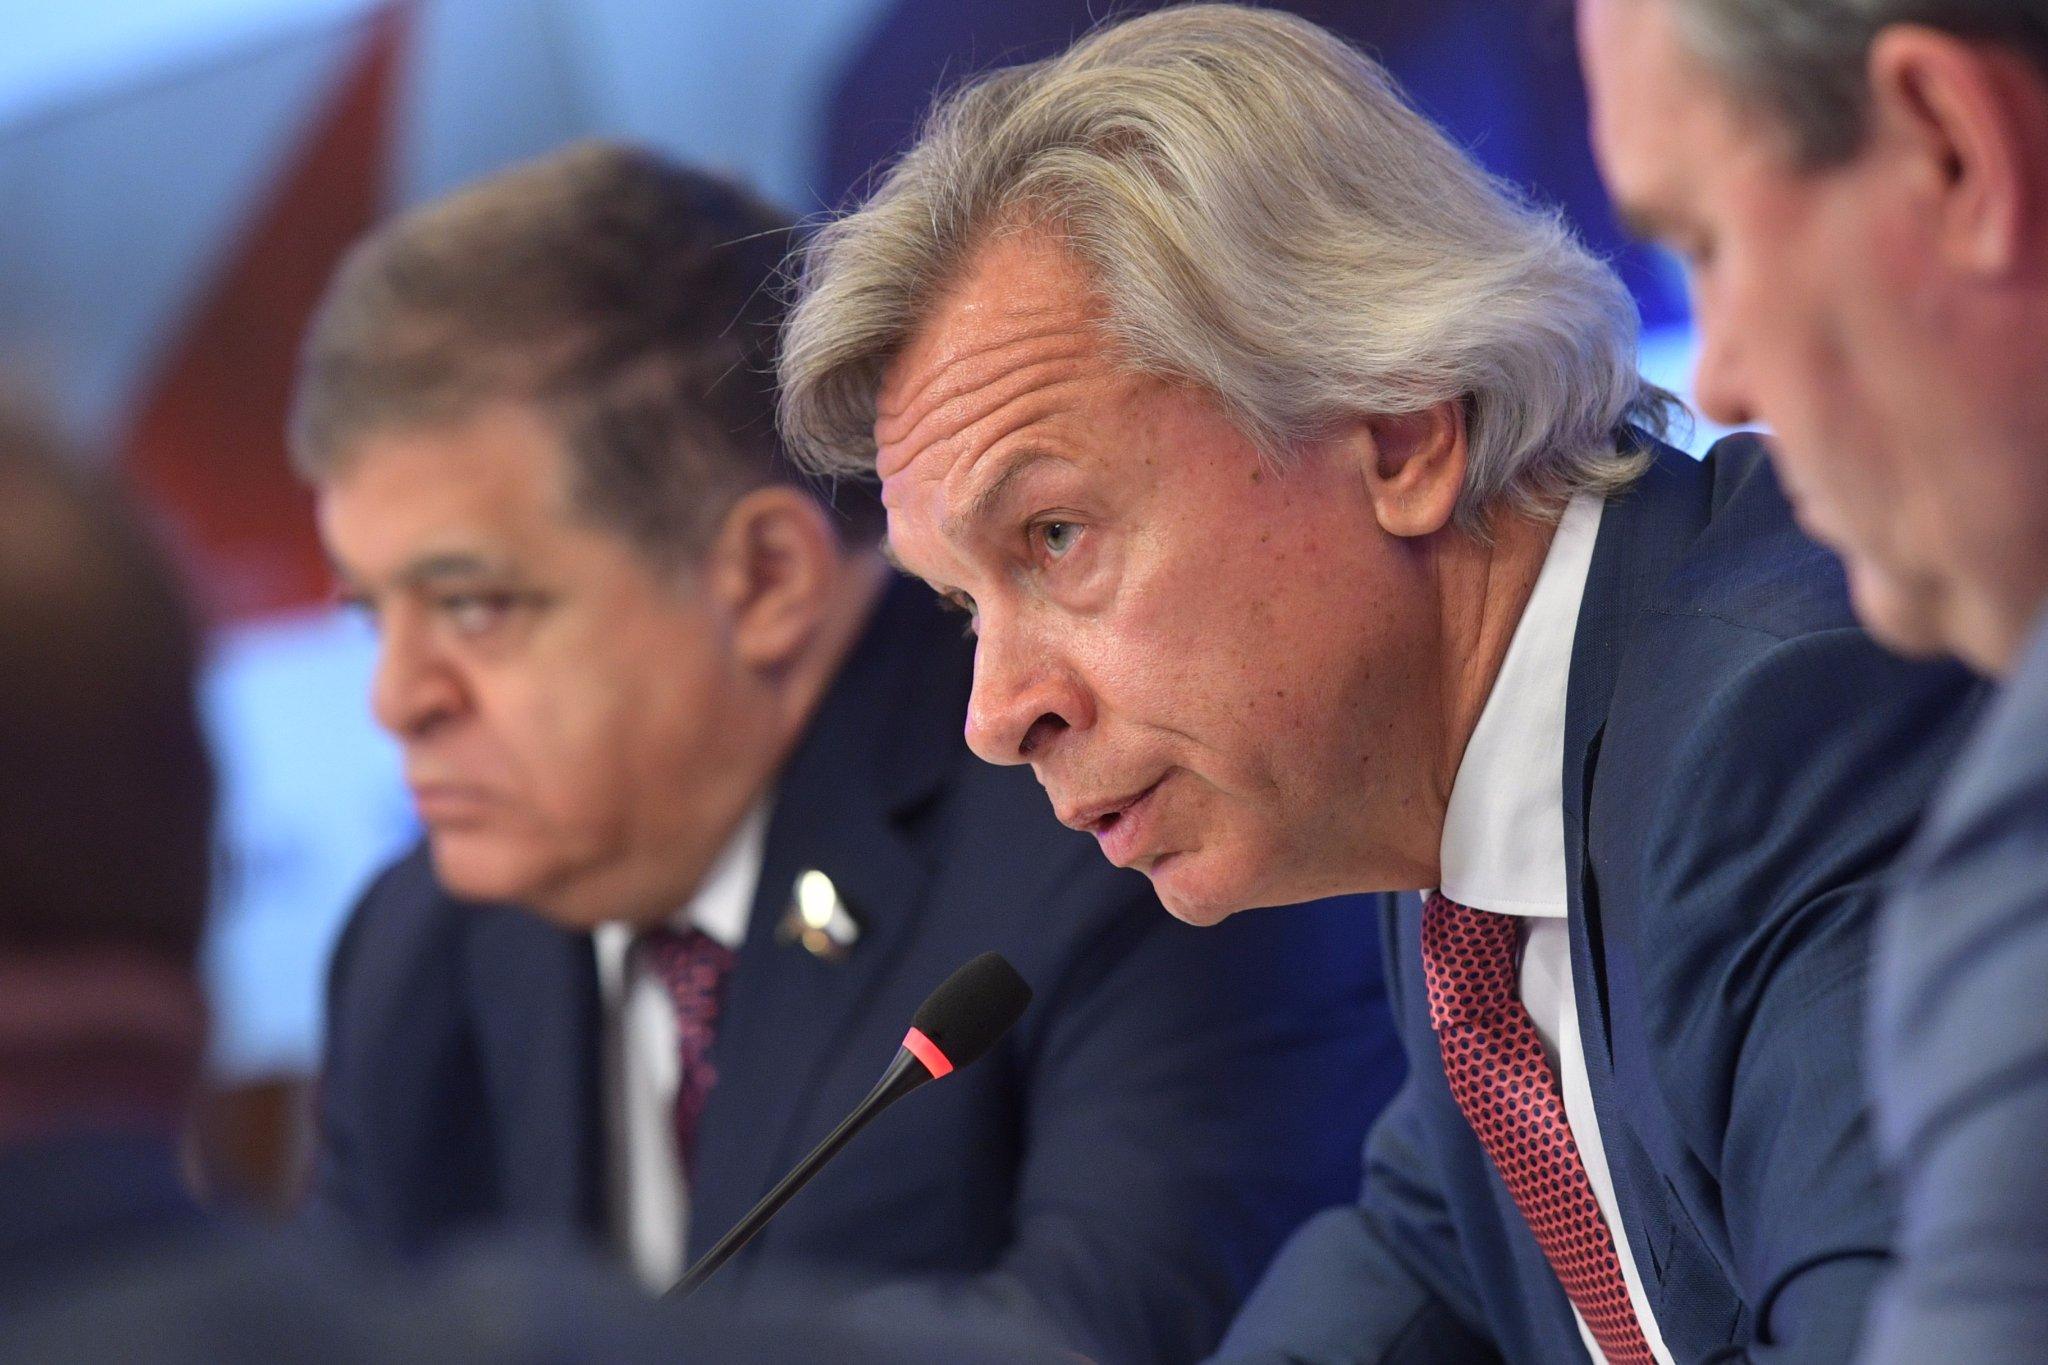 'США не важно, что о них думает Россия': Пушков призвал перестать играть в 'информационные поддавки' с Западом